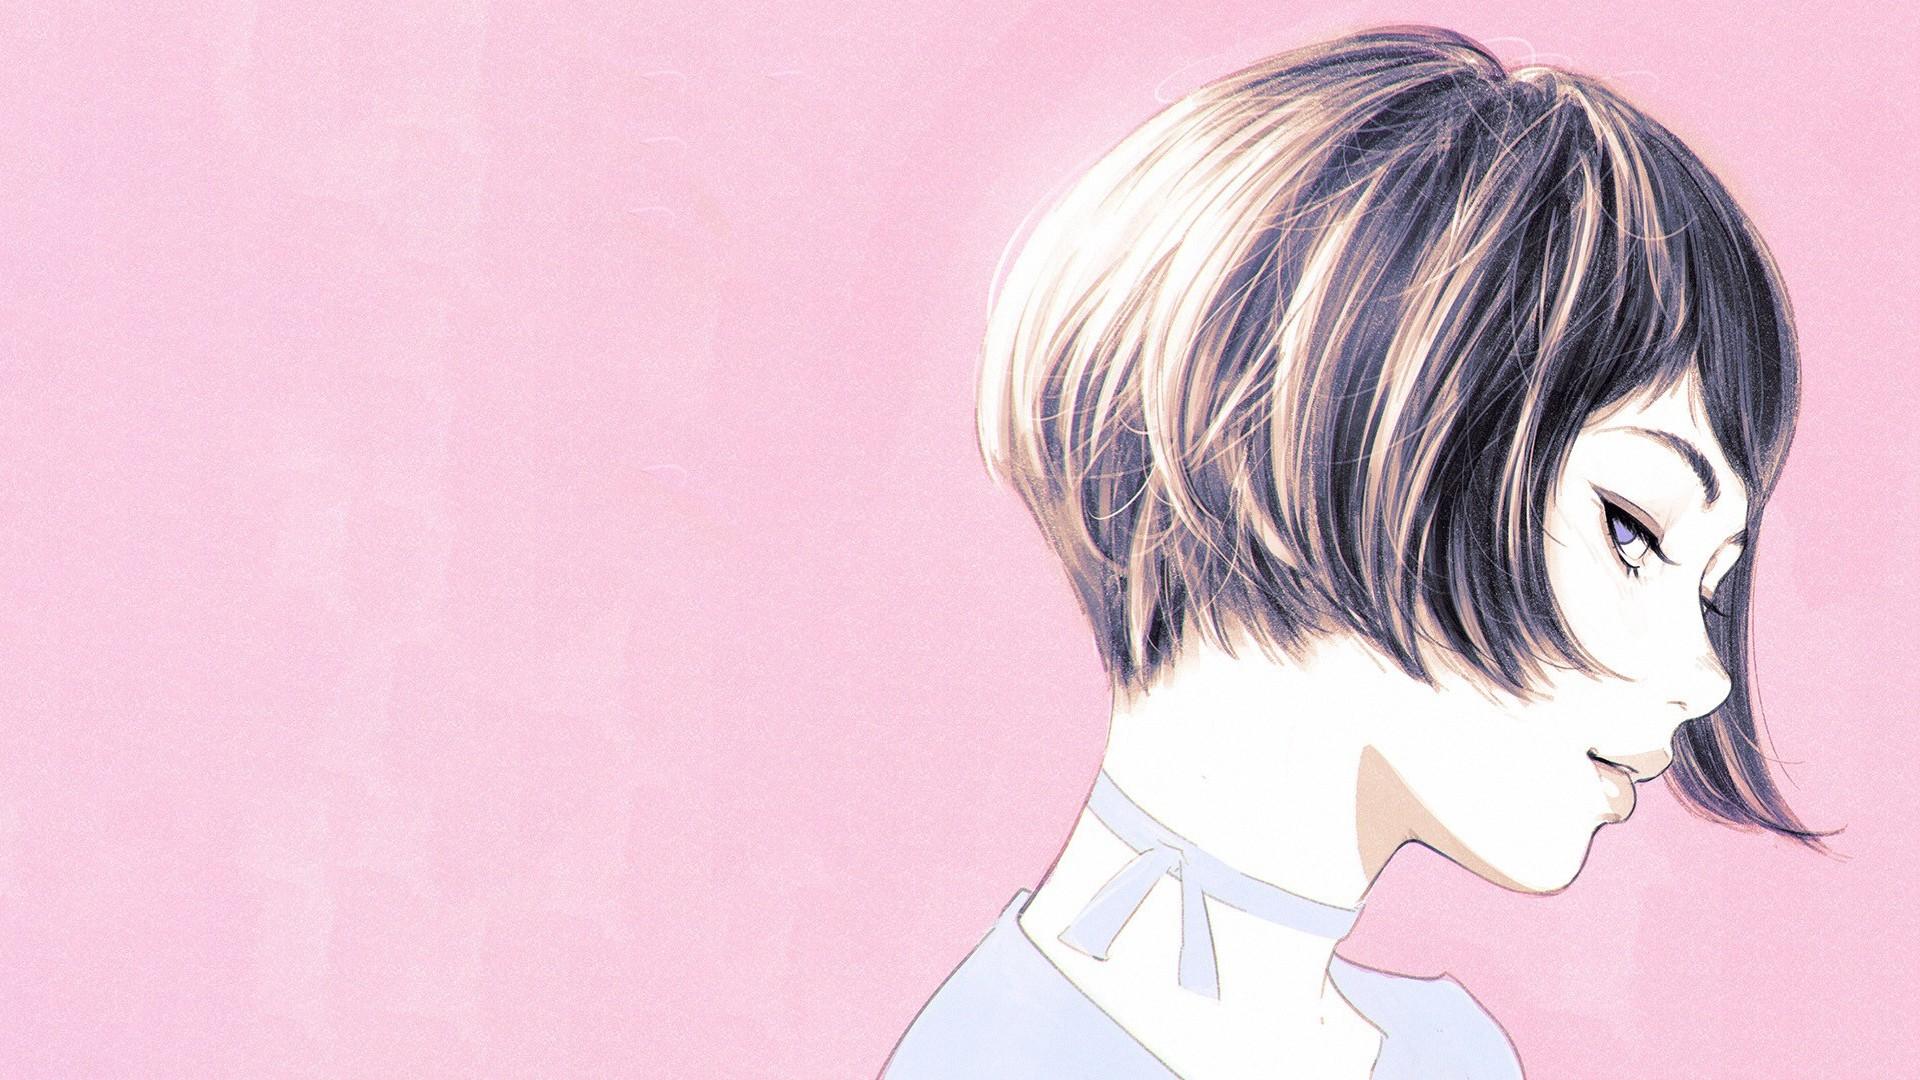 Anime Girl Short Hair PC Wallpaper HD